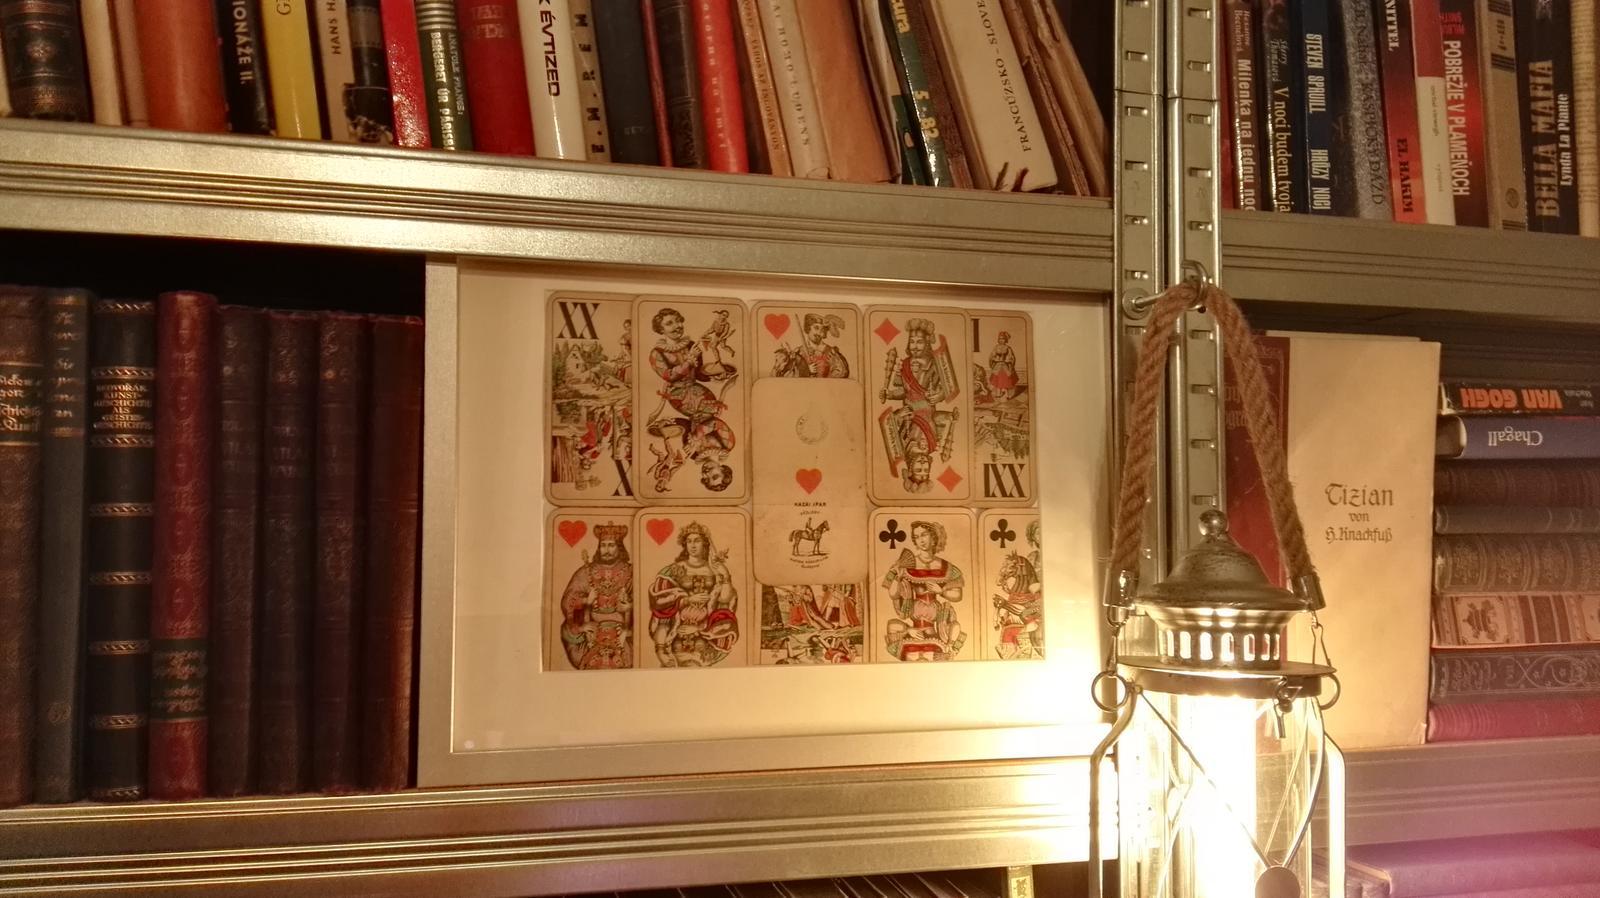 Rekonštrukcia bytu v národnej kultúrnej pamiatke - Dake zvlastne karty, ze predchodcovia dnesnych 7movych..je ich 42ks..kupila som vcera na numizmatickej burze